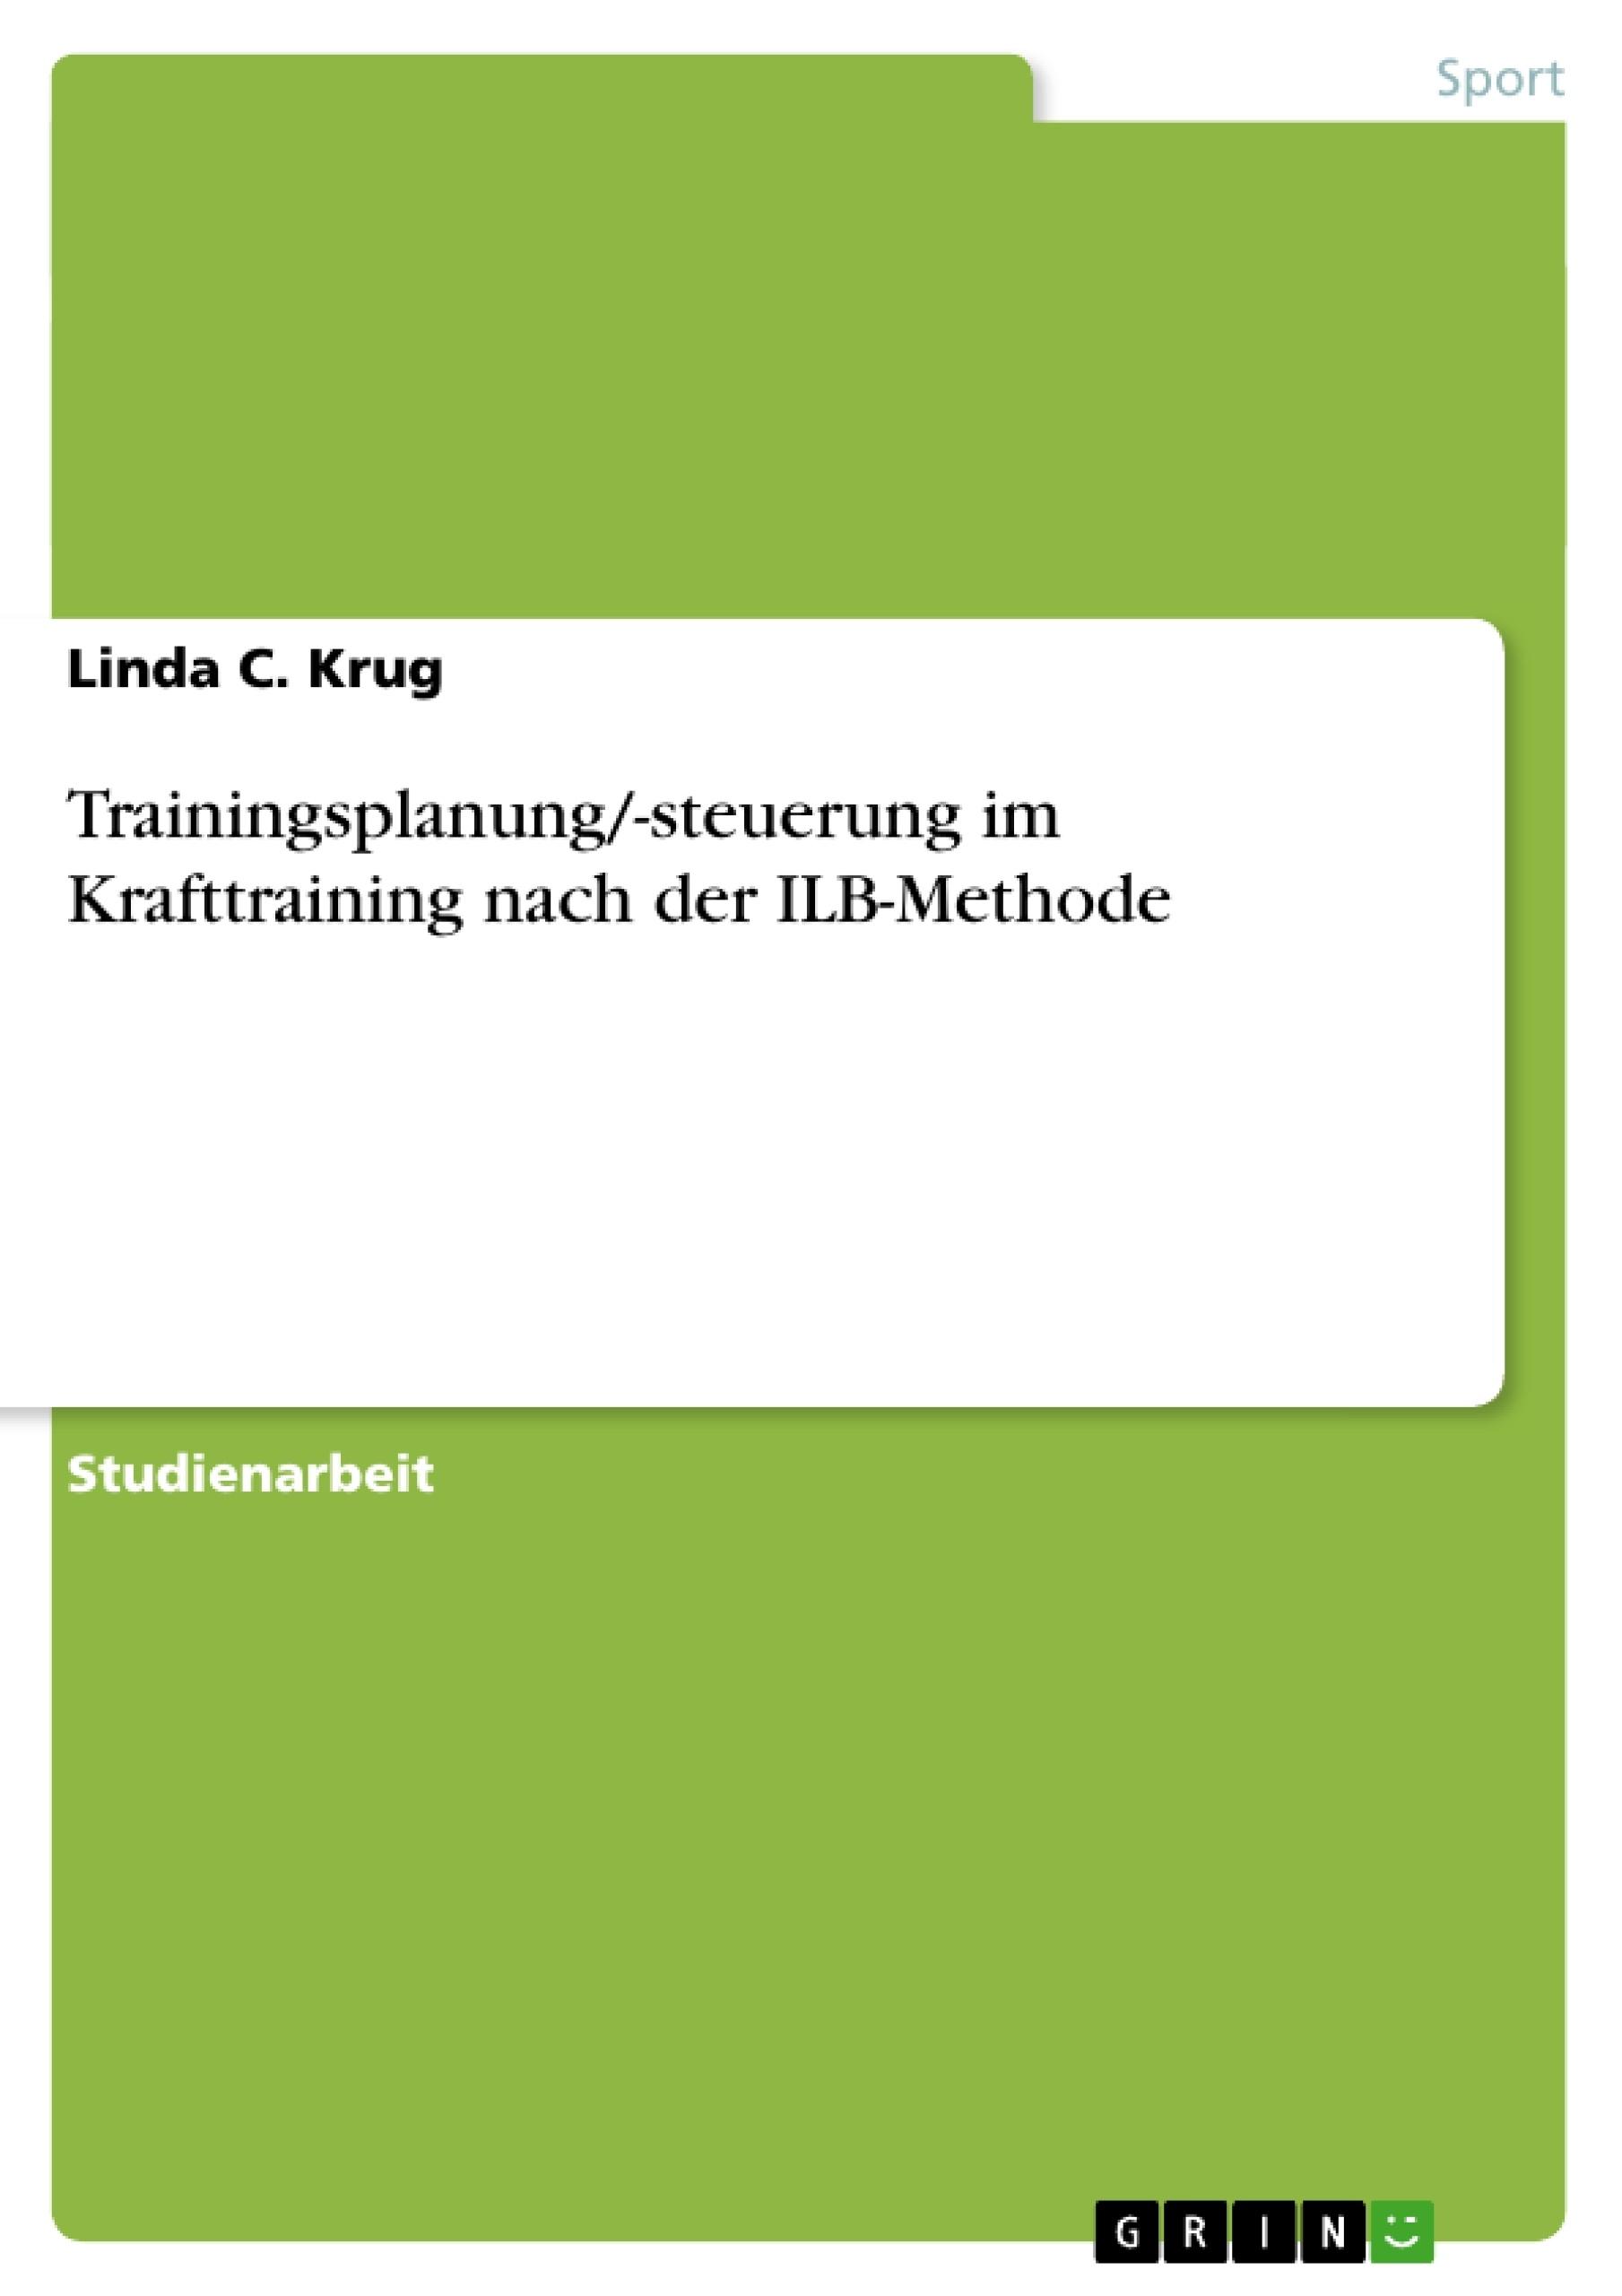 Titel: Trainingsplanung/-steuerung im Krafttraining nach der ILB-Methode